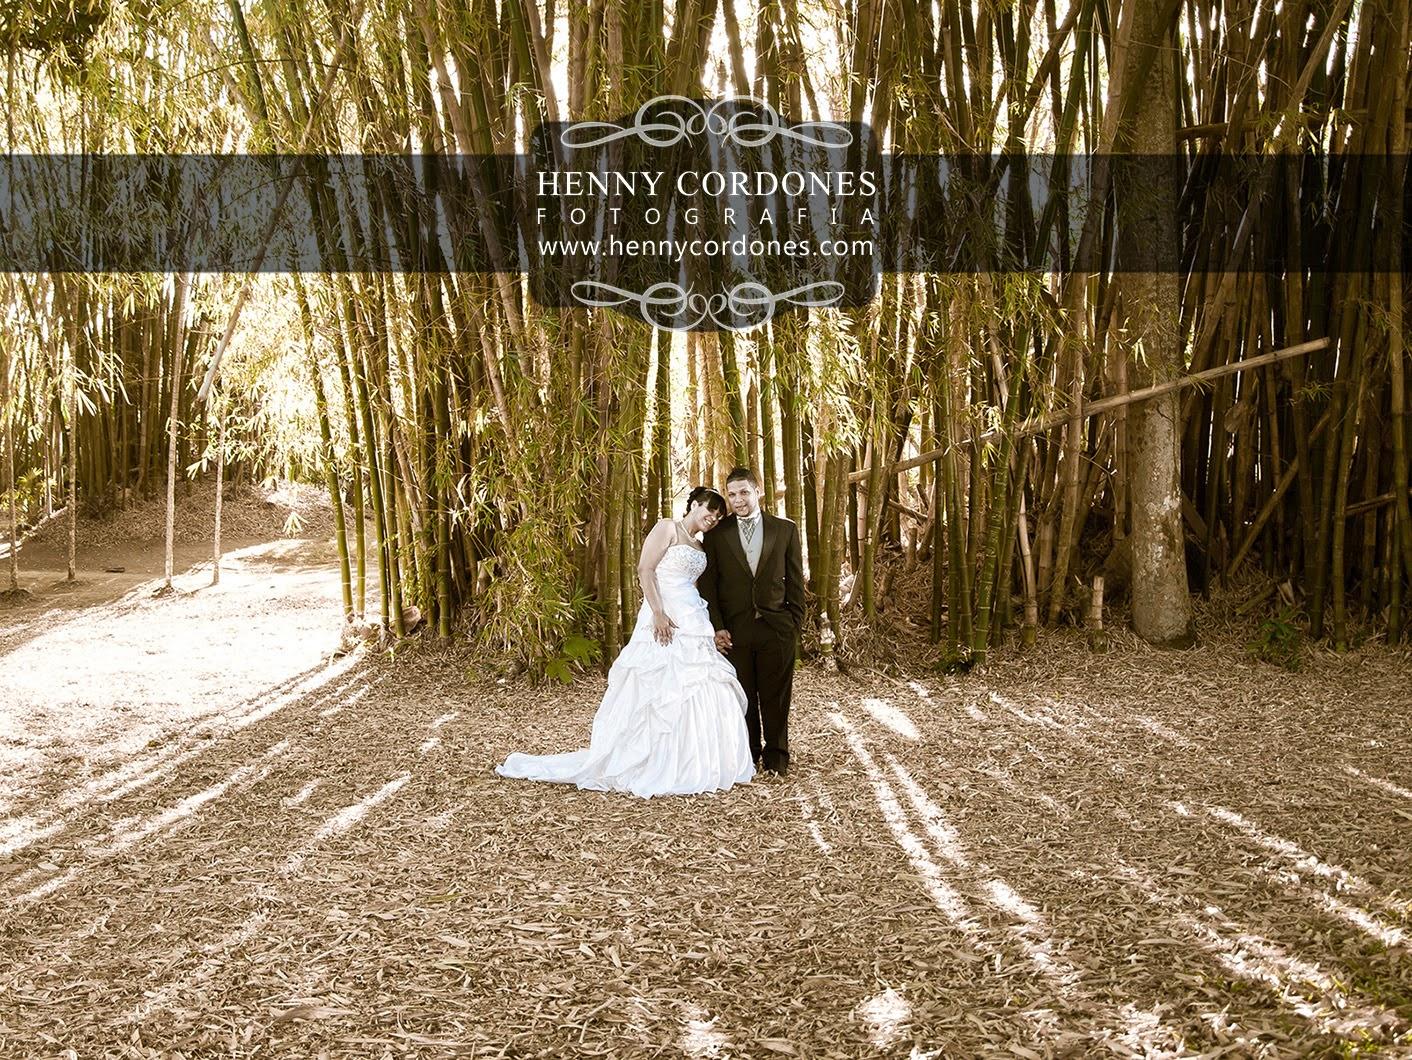 Henny cordones fotograf a sesion fotografica de boda for Bodas en el jardin botanico